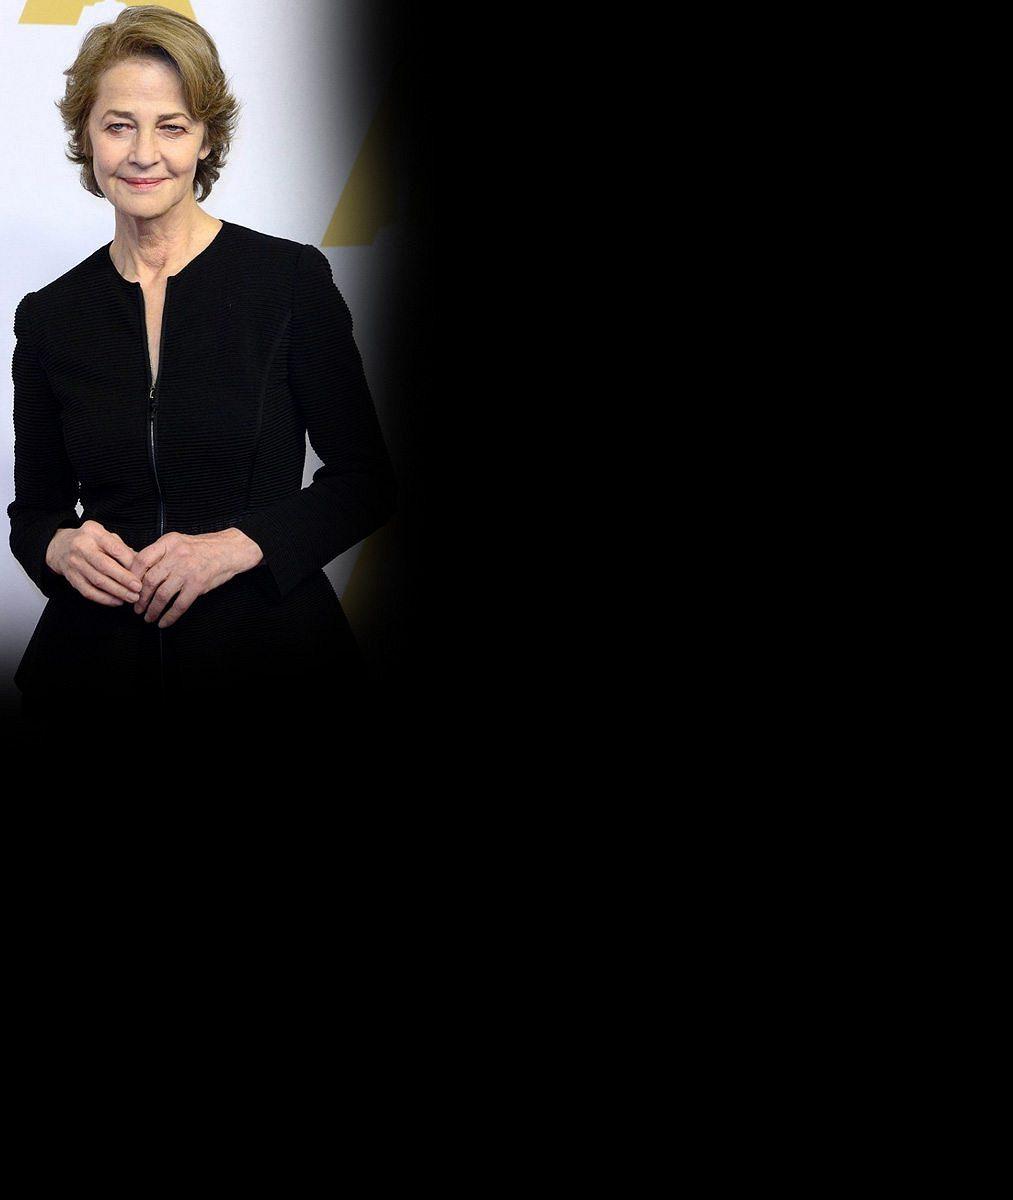 Tato dáma stárne s grácií: Sedmdesátiletá herečka je neuvěřitelně šik